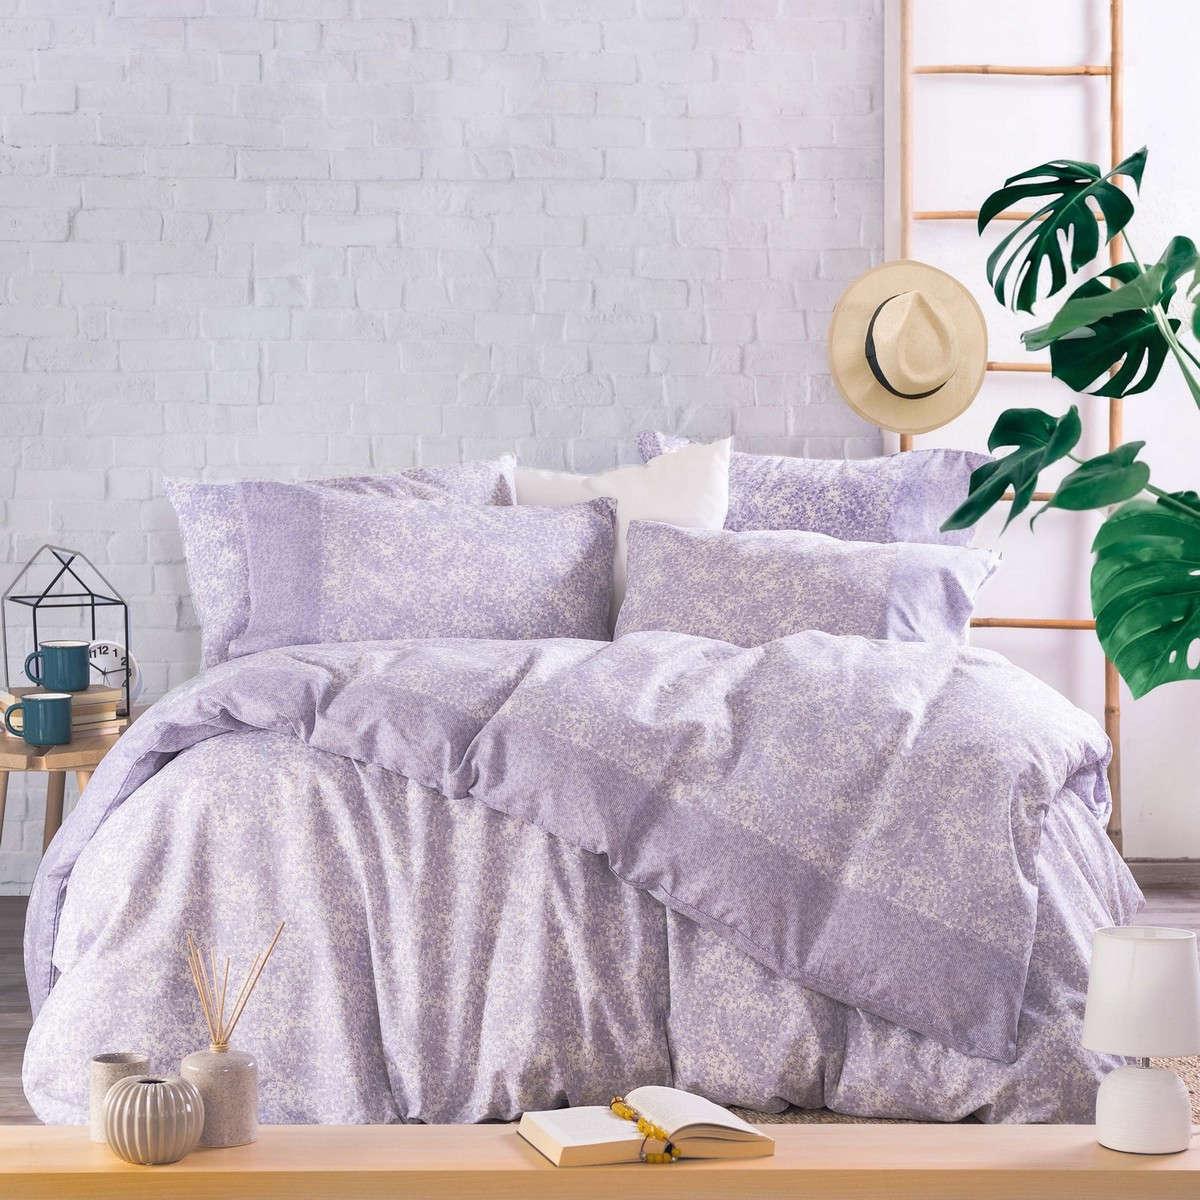 Σεντόνια Σετ 3Τμχ. Next Caressa Purple Με Λάστιχο Ρυθμός Μονό 105x205cm